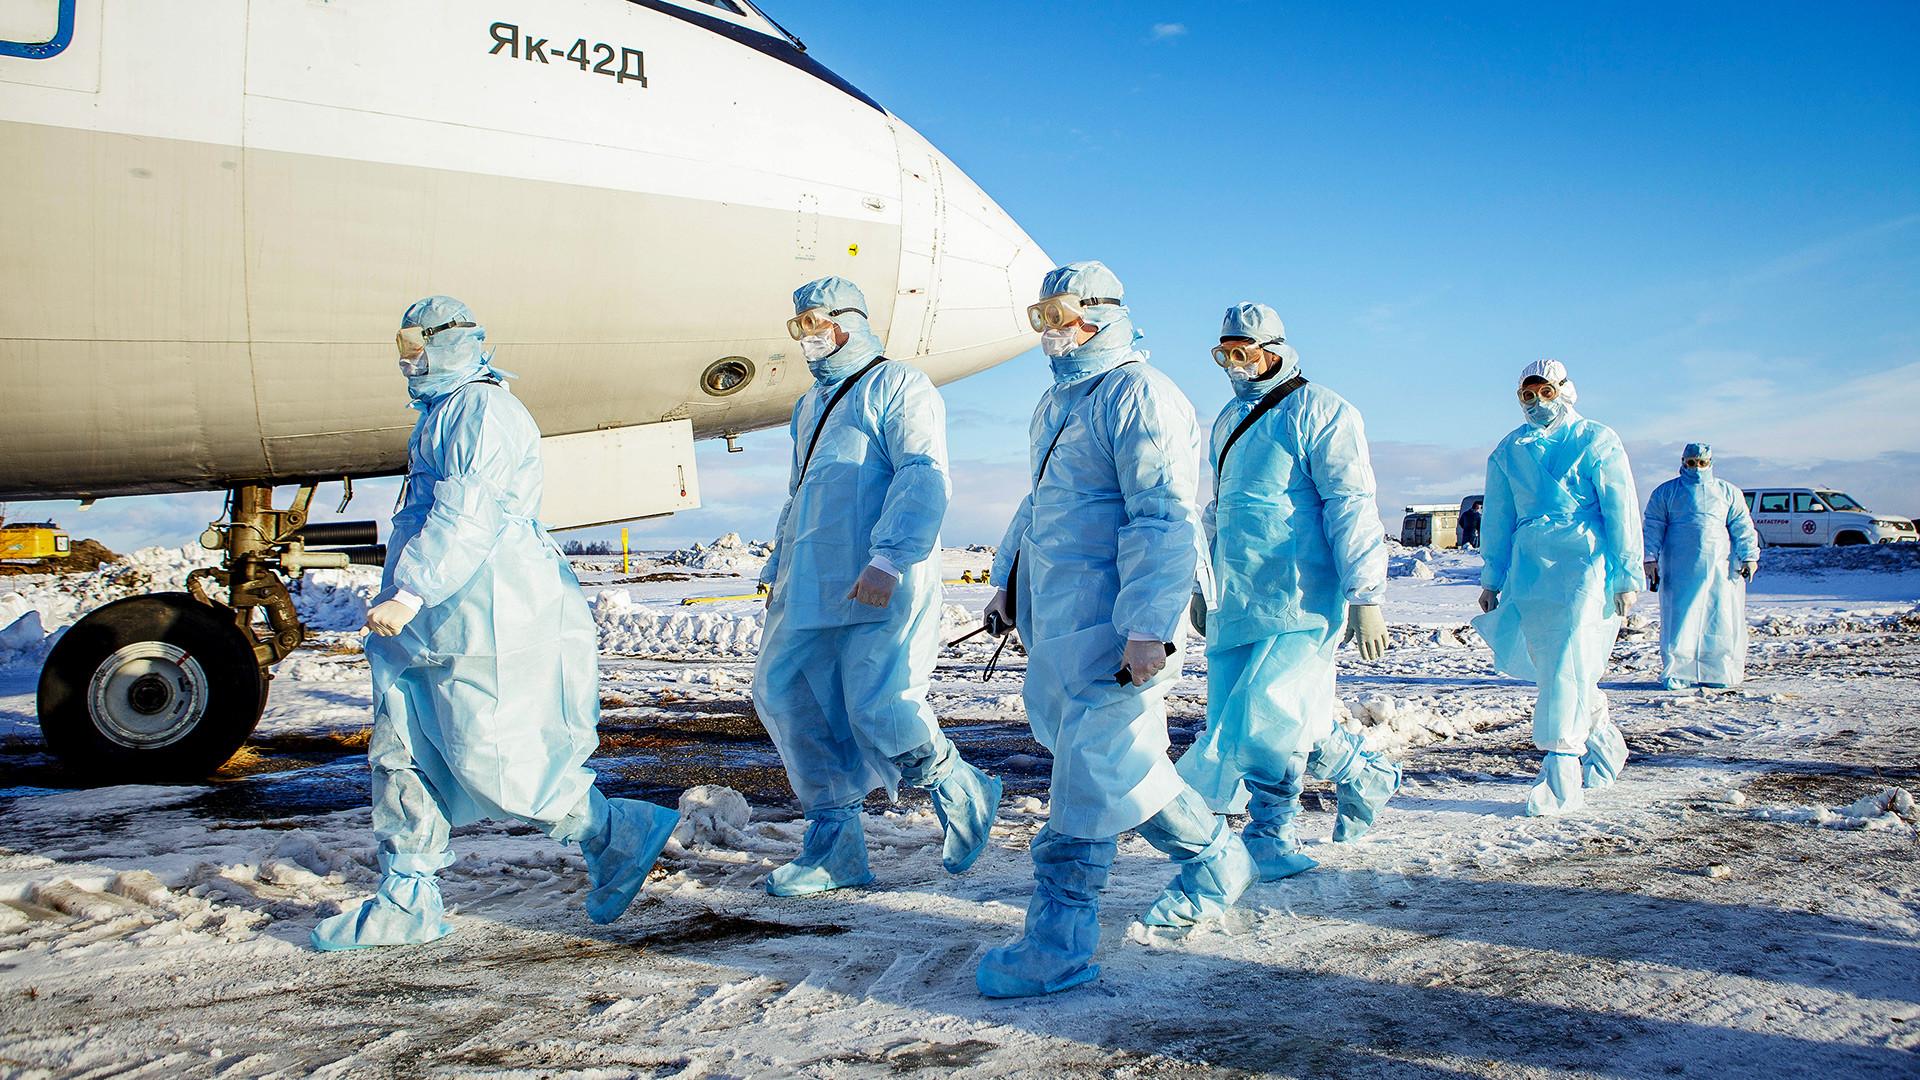 Obuka za evakuaciju putnika kod kojih se sumnja na koronavirus, aerodrom u Čeljabinsku, 5. veljače 2020.